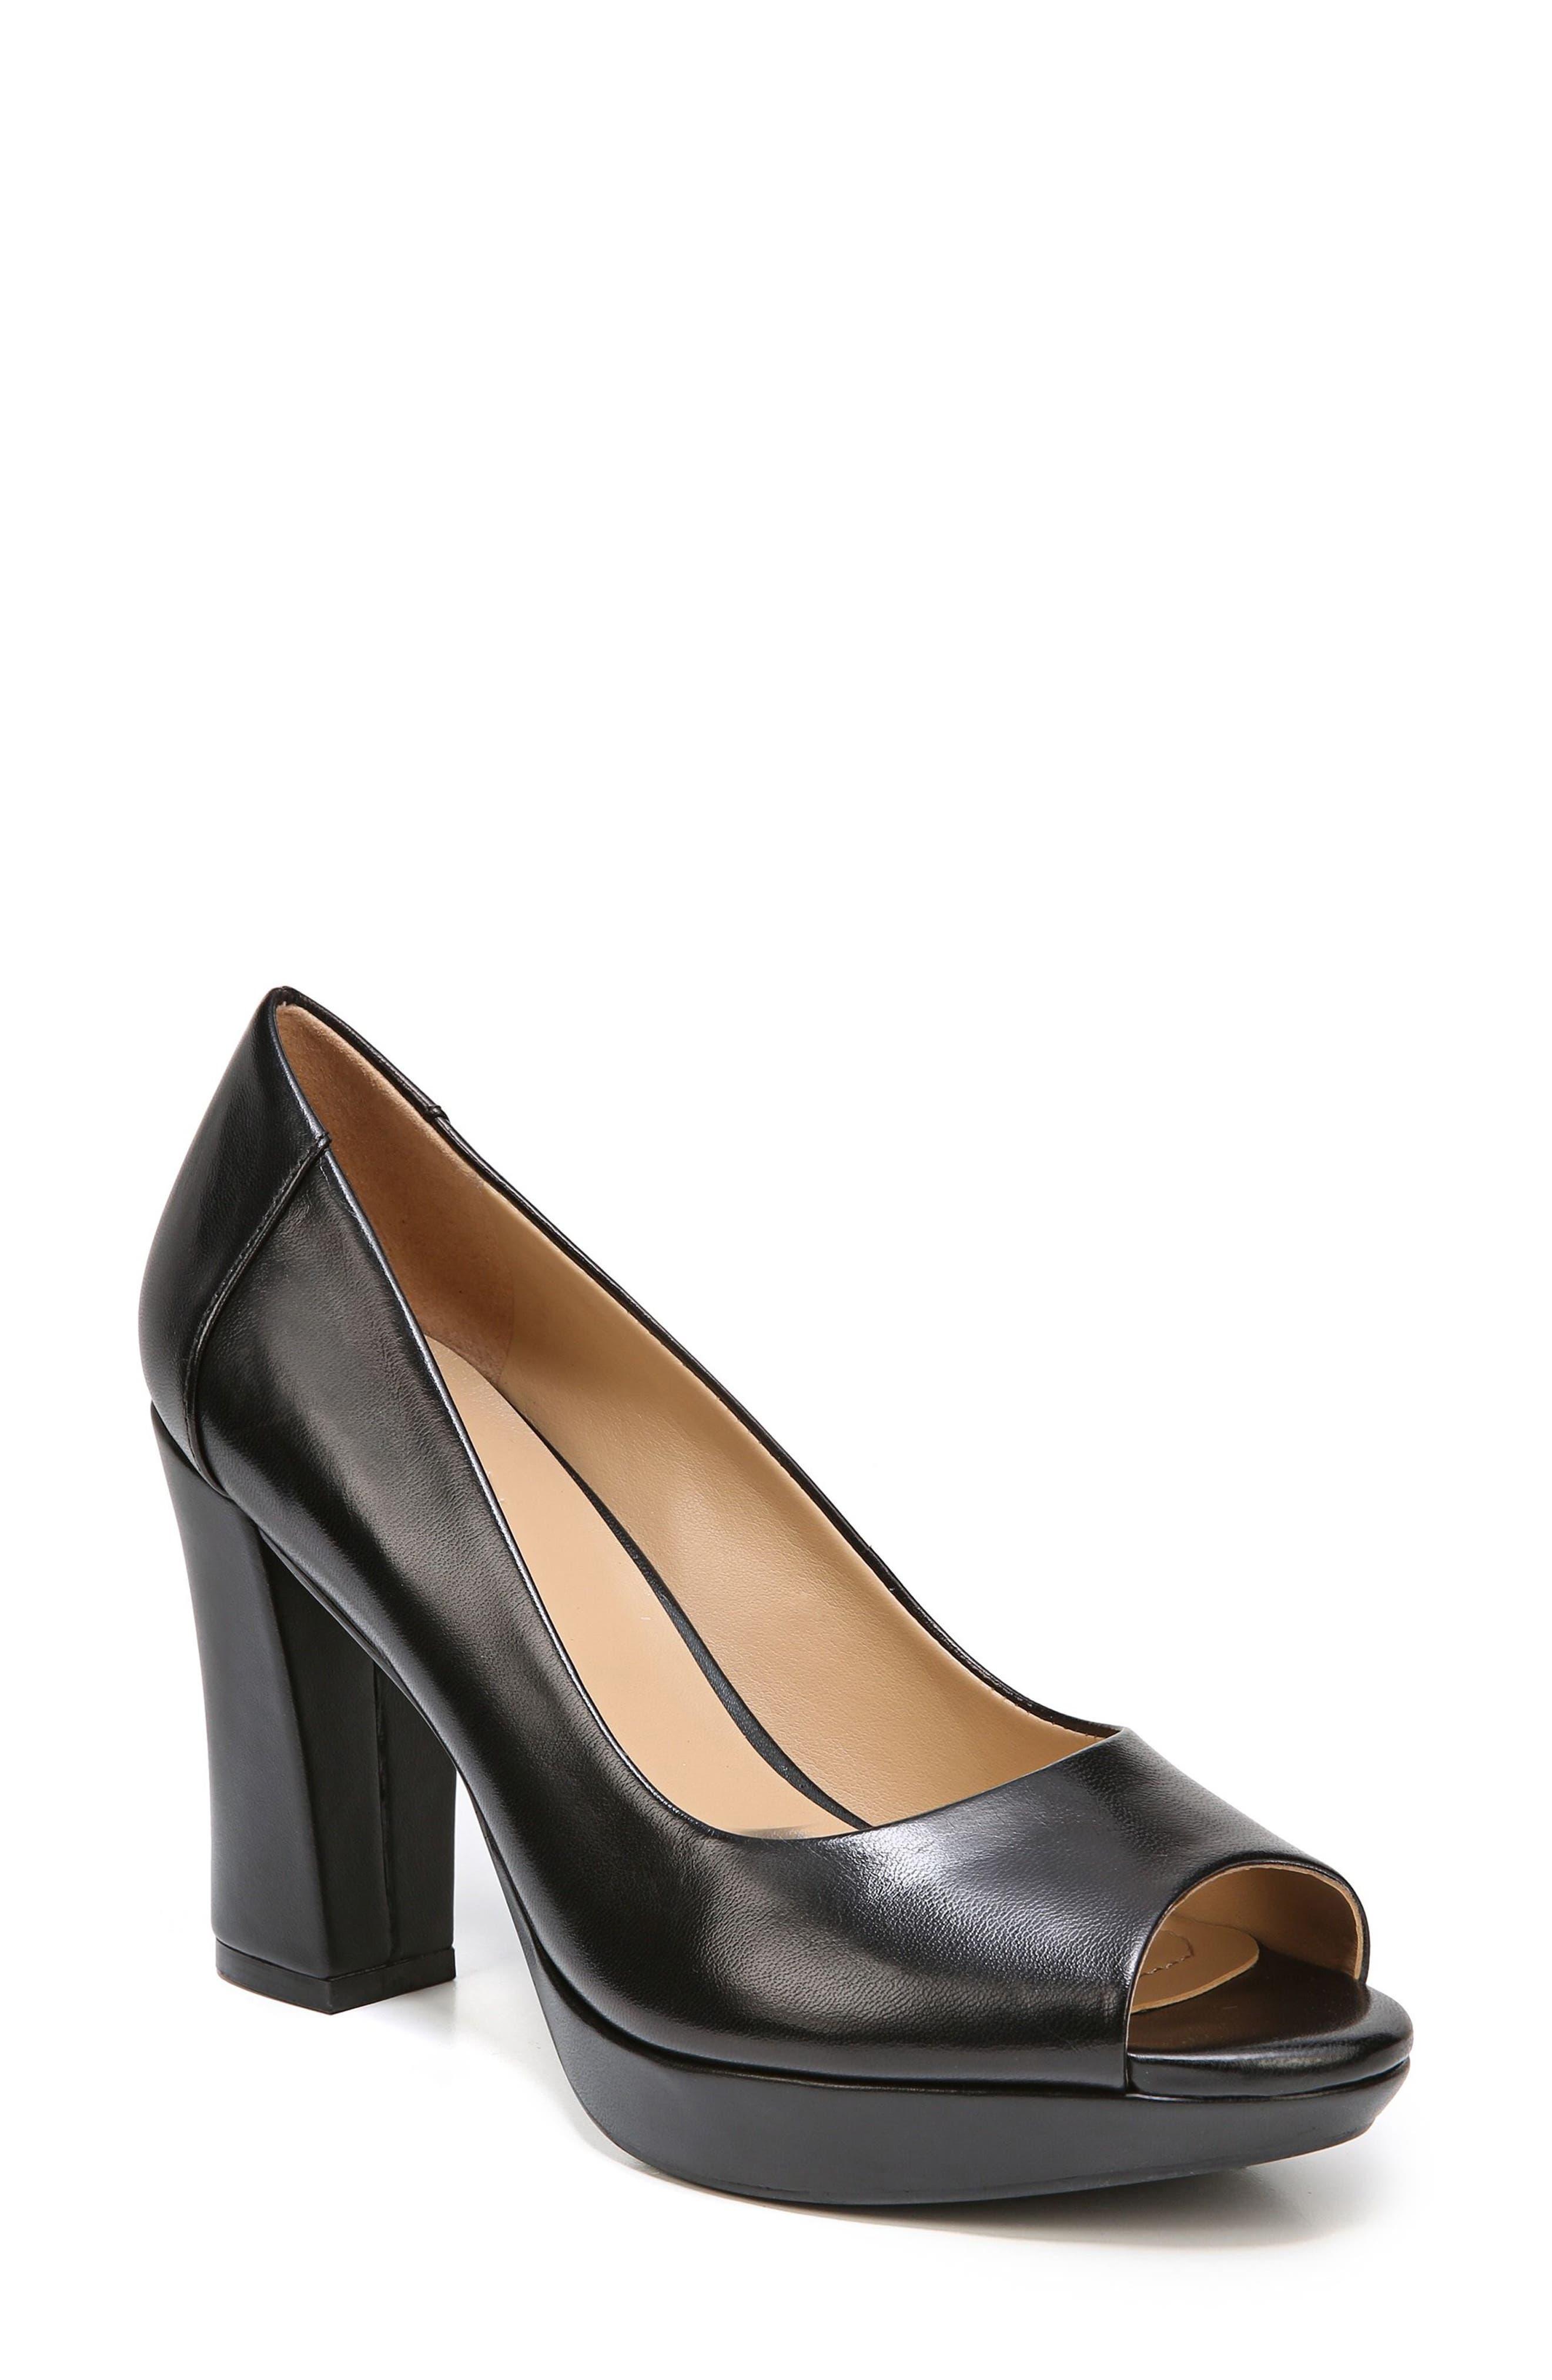 Amie Pump,                         Main,                         color, Black Leather